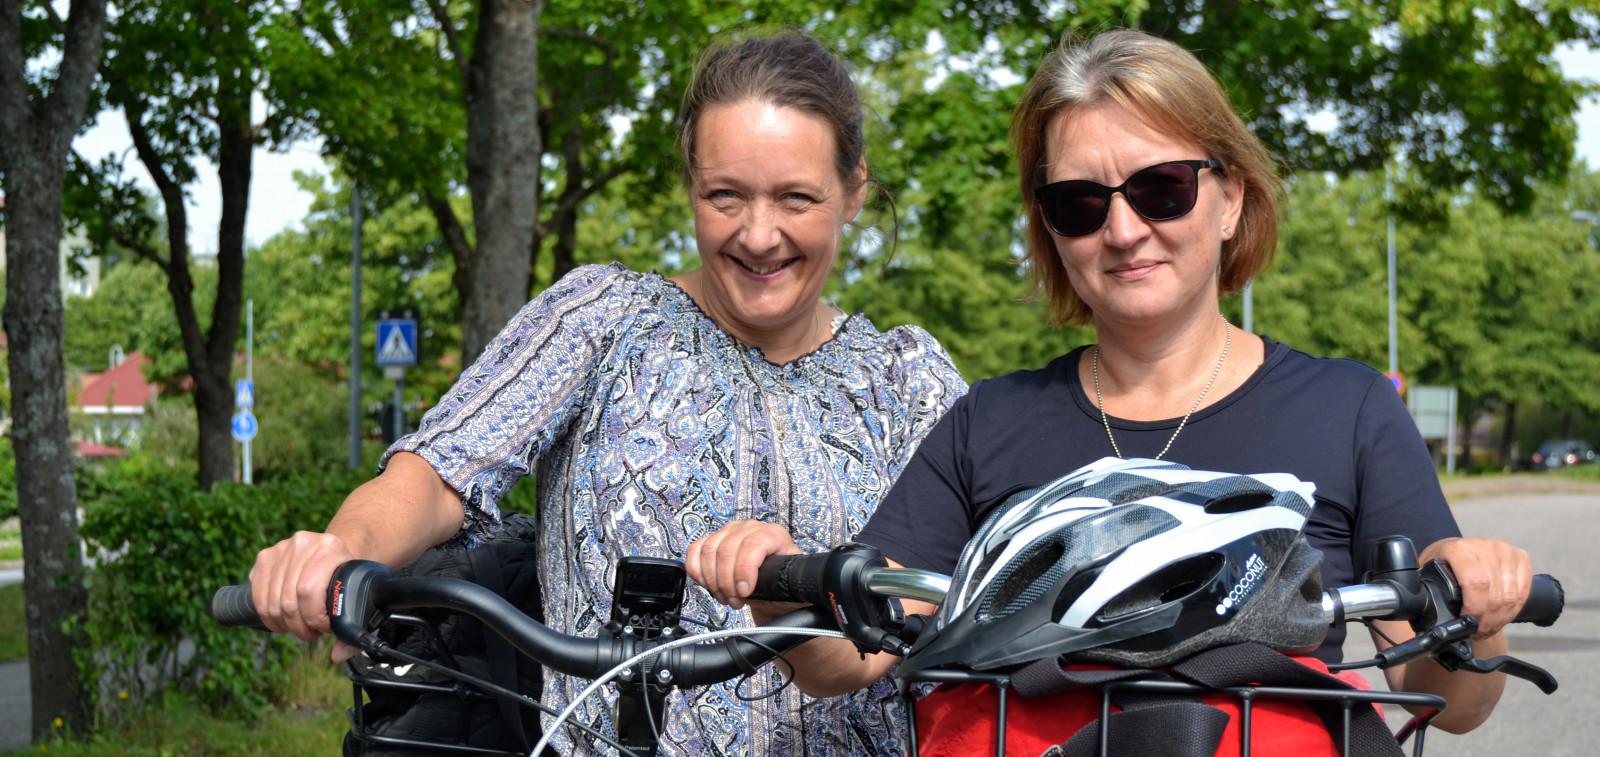 Kaksi naista taluttamassa sähköpyöriä kesällä